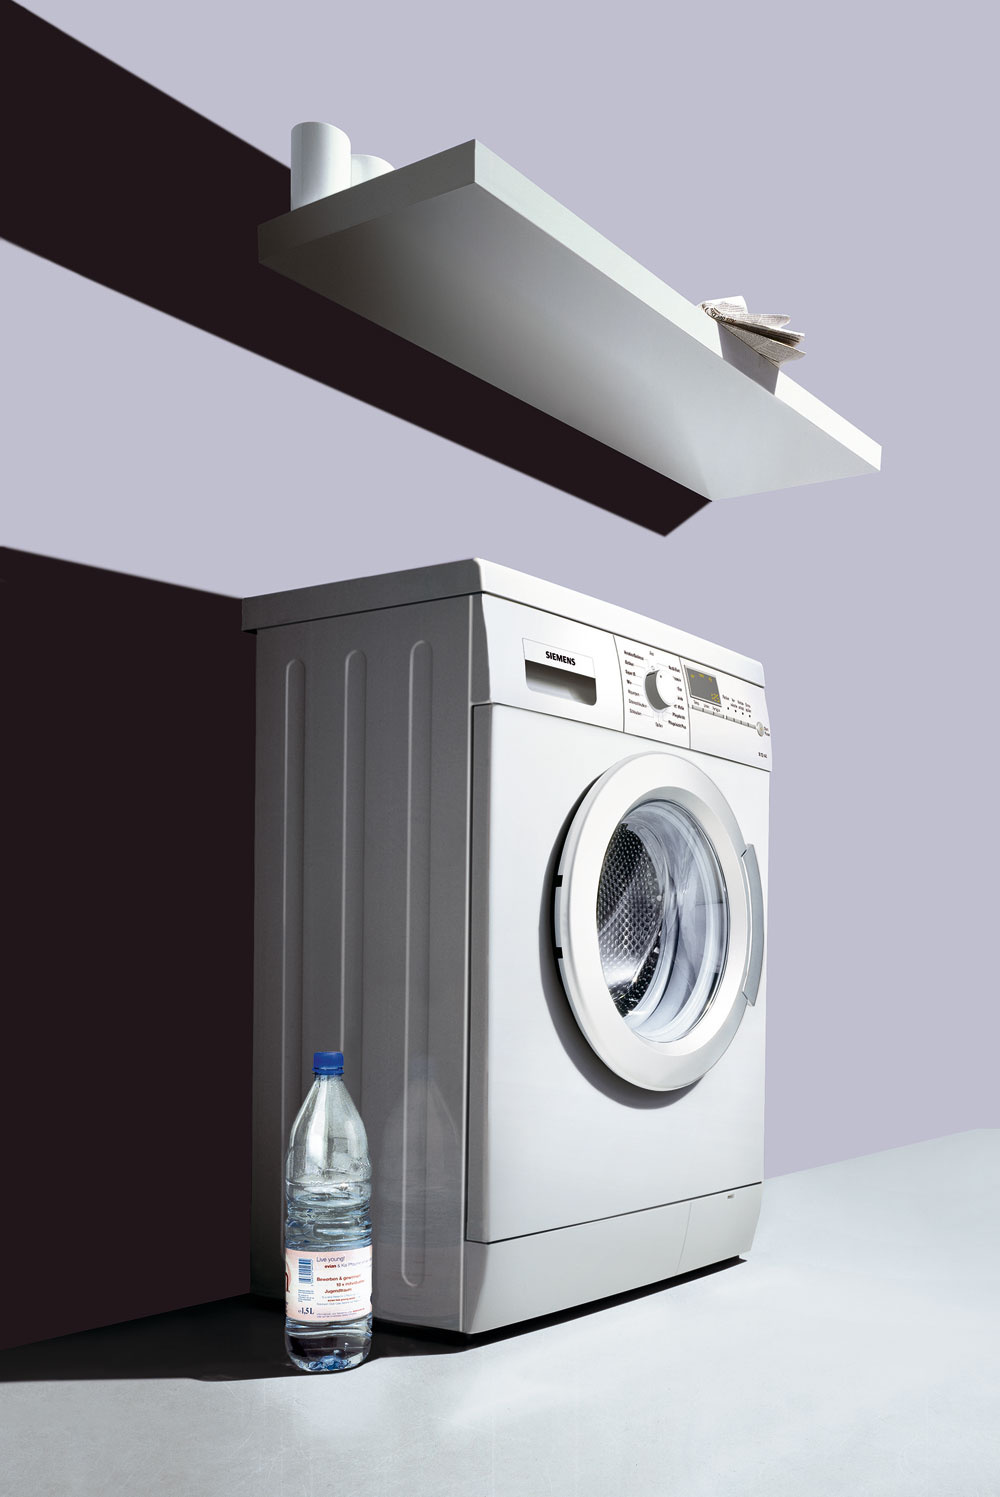 Práčka Siemens SlimLine WS 10M460BY so šírkou 44?cm je ideálna do malej kúpeľne. Voliteľné funkcie: predpranie, ochrana proti pokrčeniu, voda plus, škvrny, stop pláchanie, nastavenie počtu otáčok, teploty a konca prania, powerWash 60´, super 15´, prací program outdoor/impregnácia, tlačidlá touchControl. Cena 575 €.